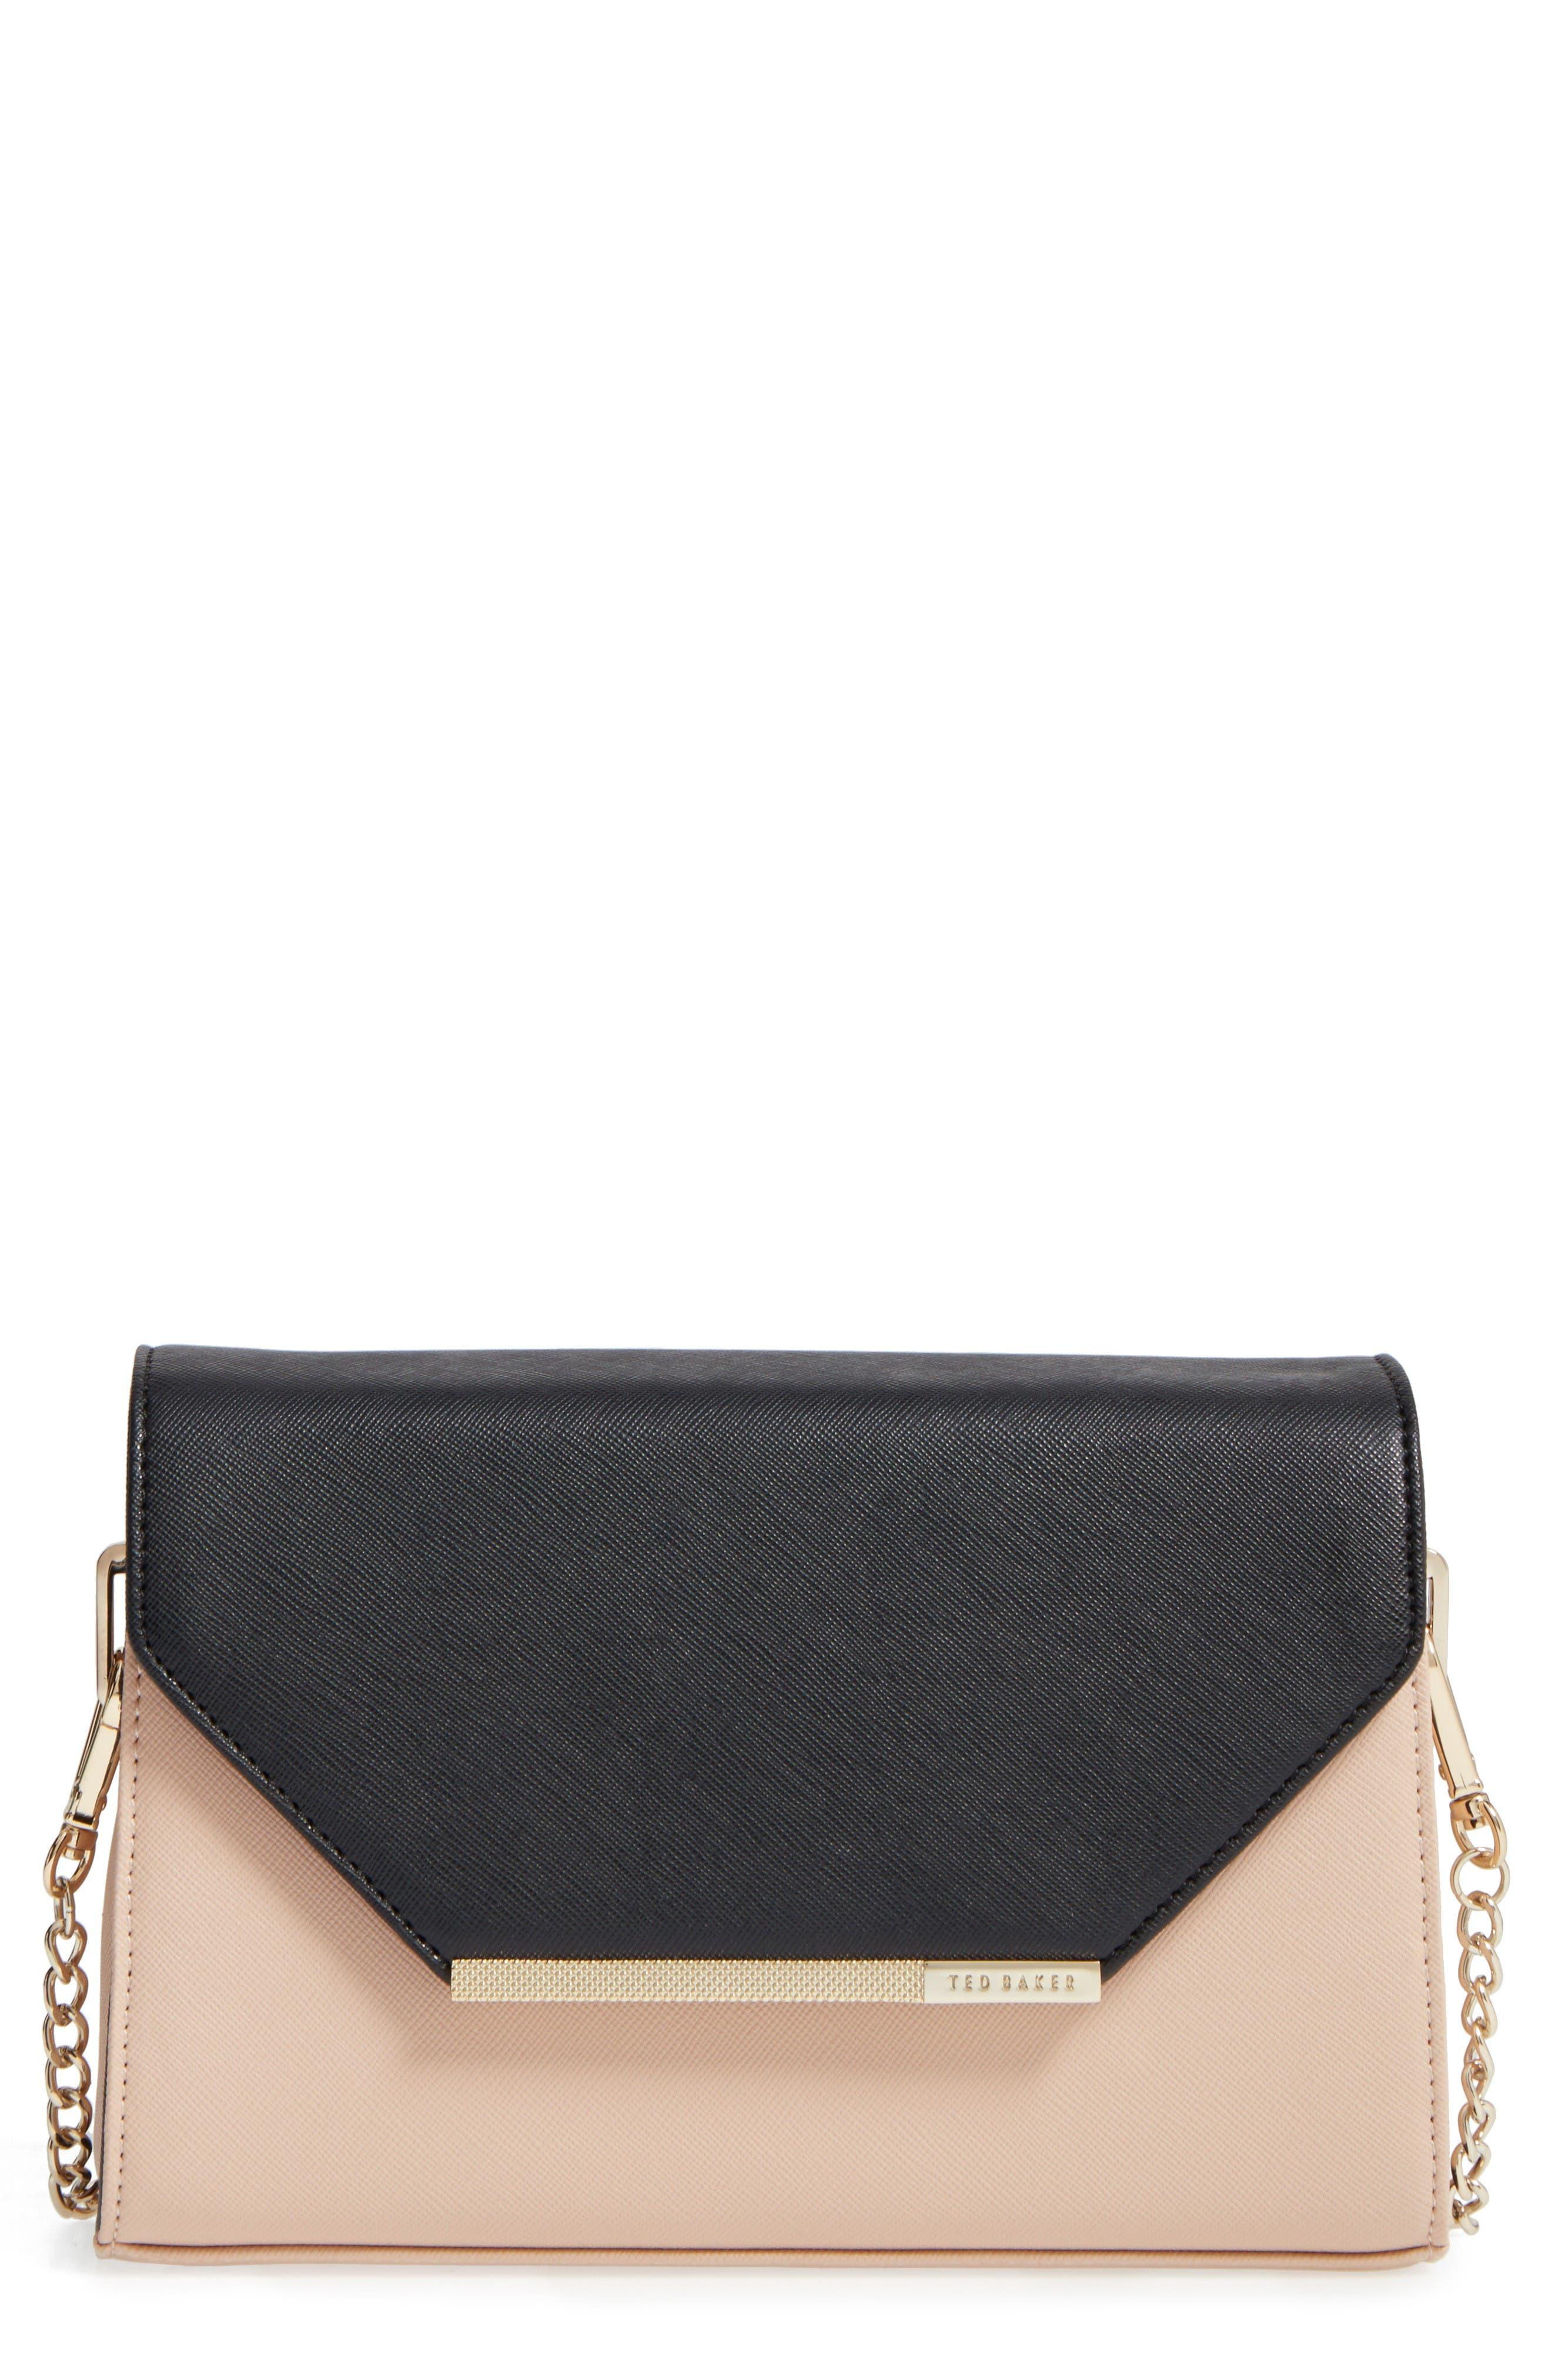 Main Image - Ted Baker London Envelope Crossbody Bag